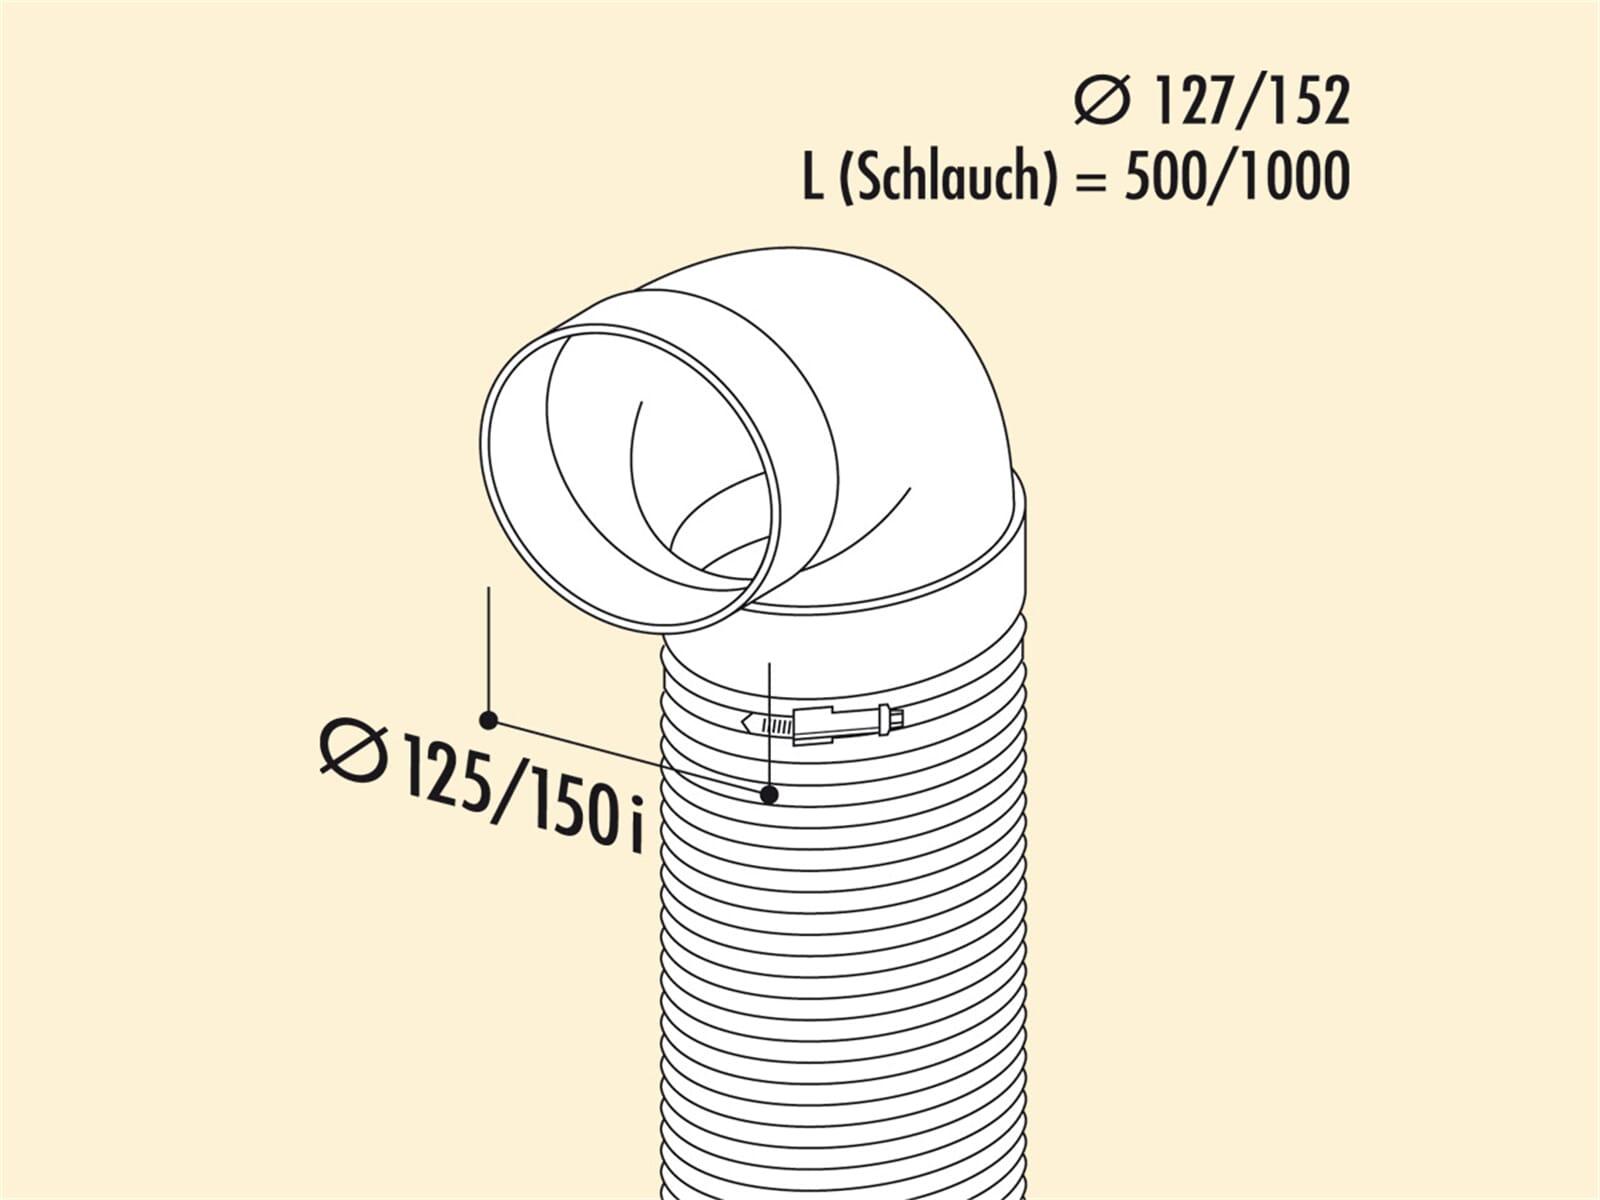 Compair 405.2.018 R-URX Flow Umlenkstück 90° mit Flexschlauch